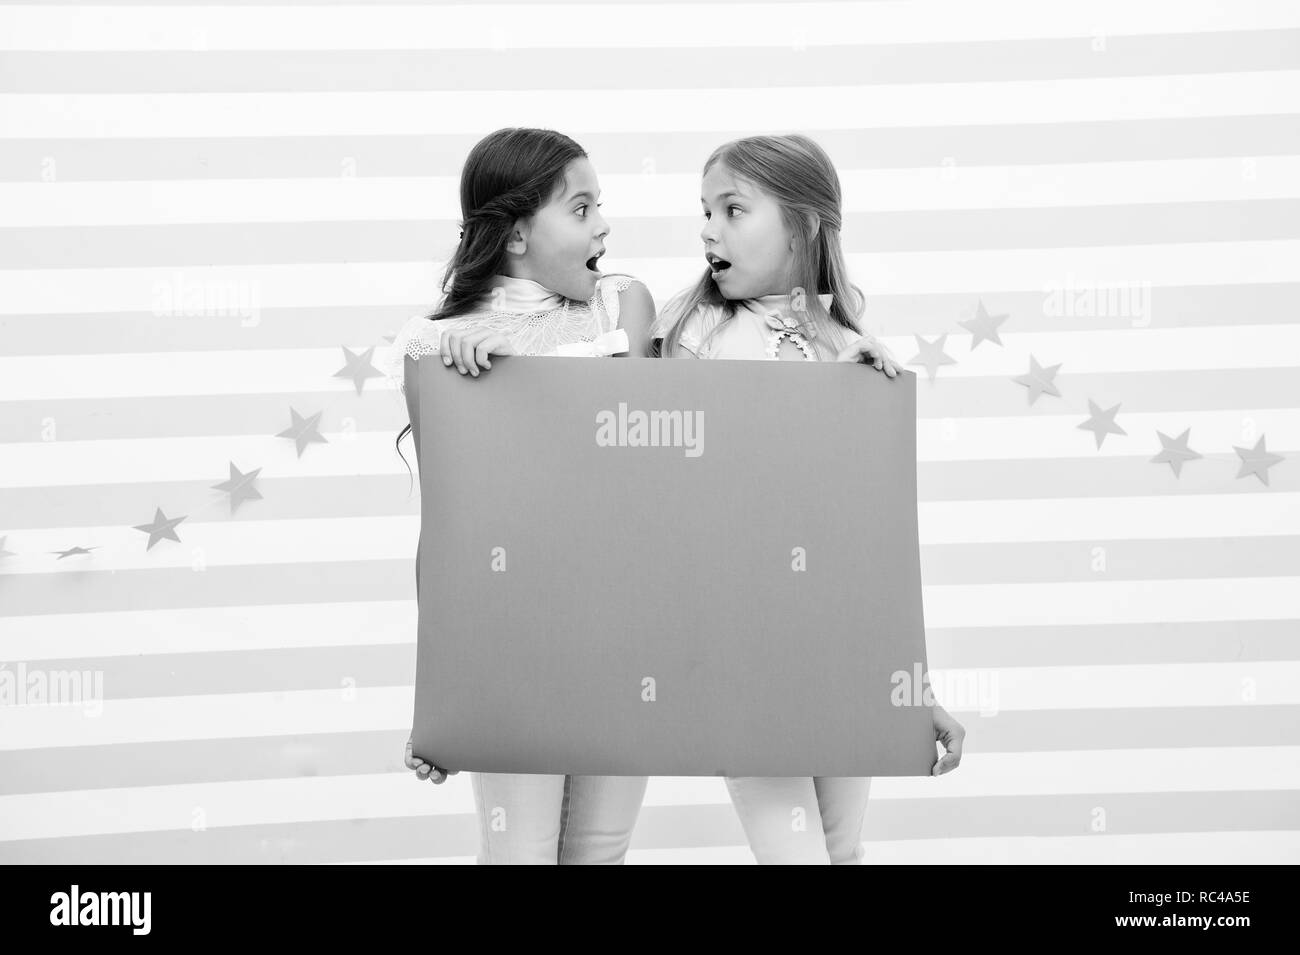 Concept annonce choquante. Surprenant incroyable nouvelle. Tenir fille bandeau publicitaire. Enfants Jeux de filles holding paper banner pour l'annonce. Les enfants surpris choqué avec copie papier de l'espace l'espace. Photo Stock